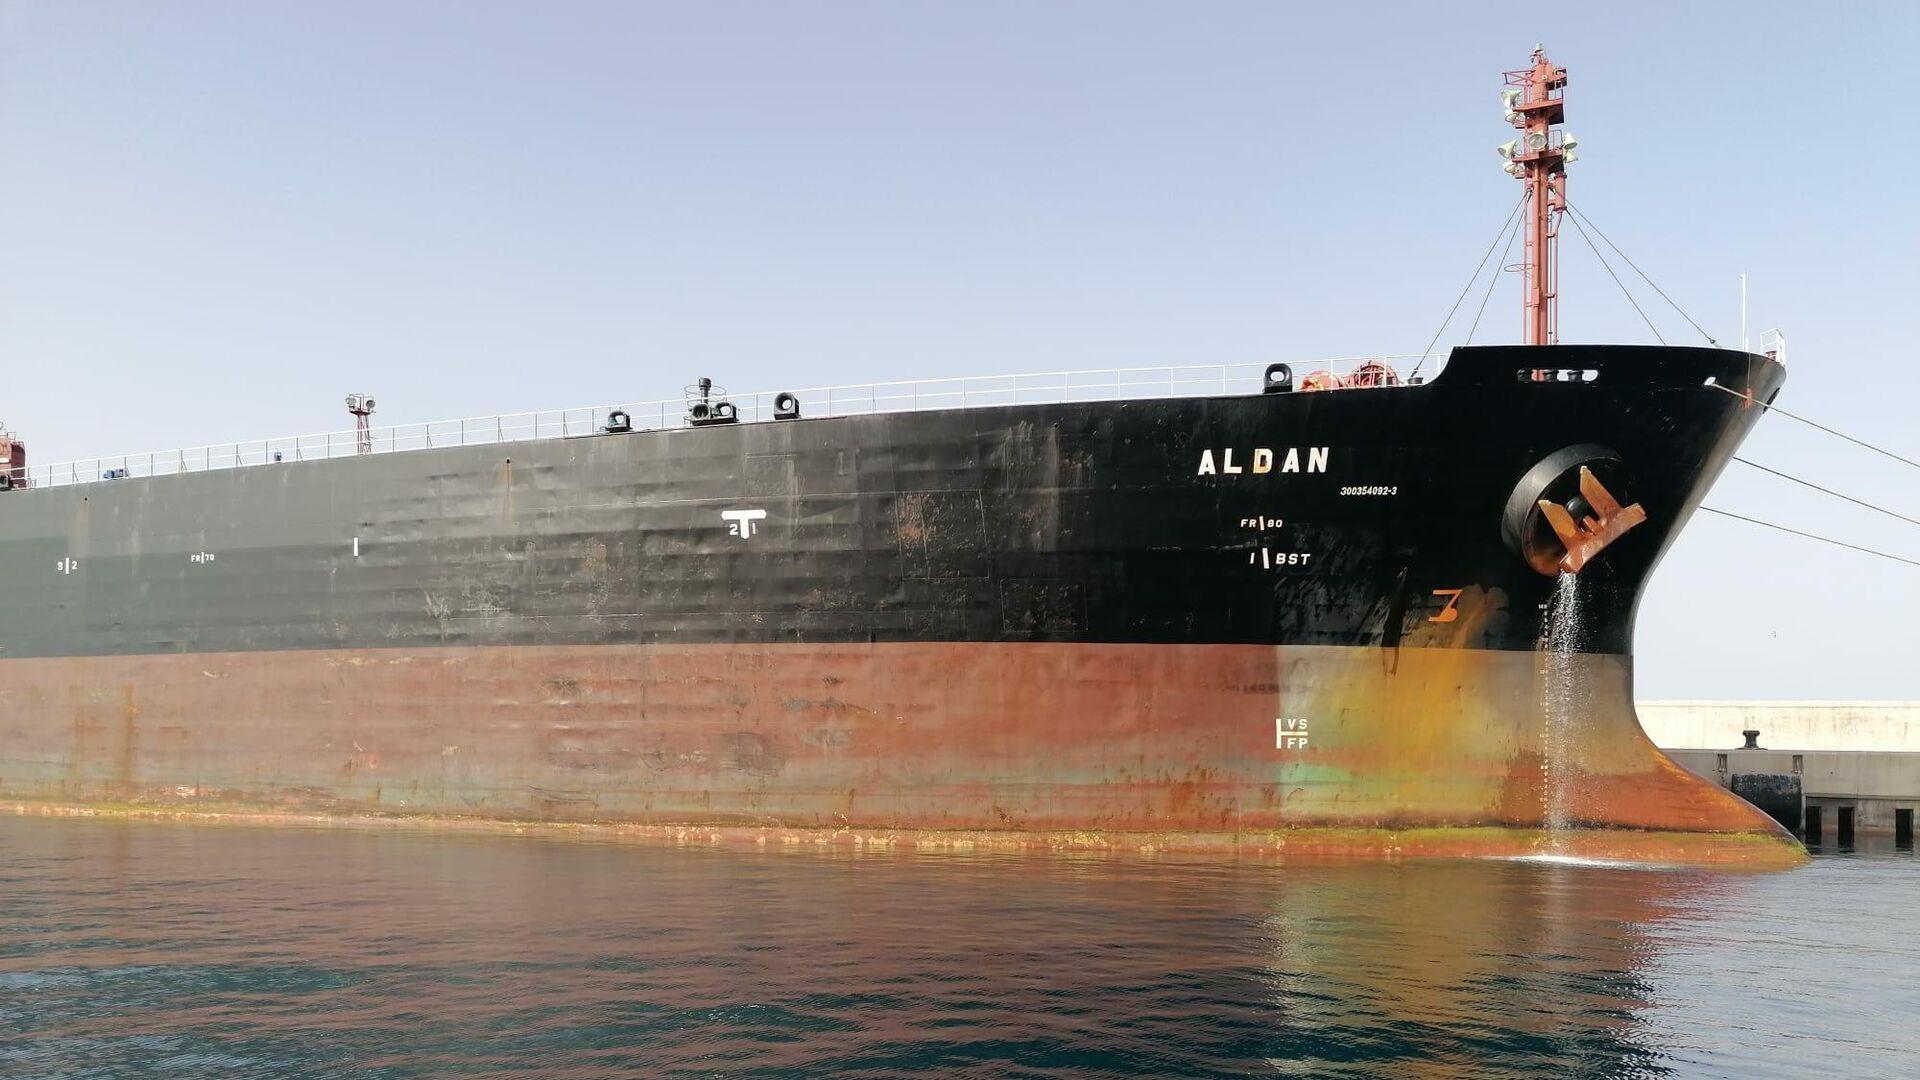 Retienen en España a un buque por descargar petróleo en el Atlántico - Sputnik Mundo, 1920, 16.06.2021